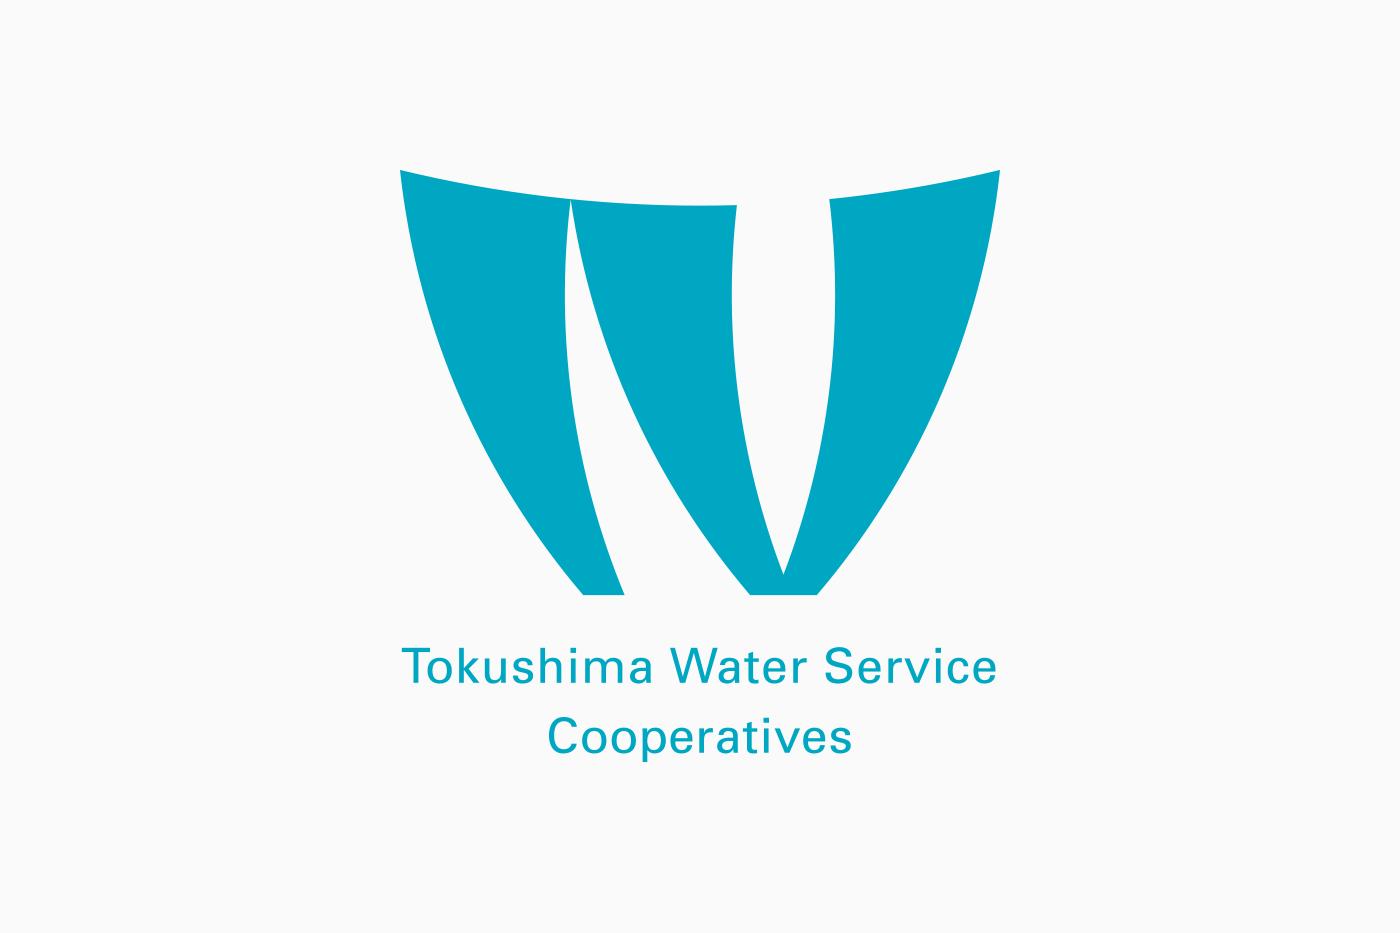 徳島ウォーターサービス協同組合 ロゴデザイン制作